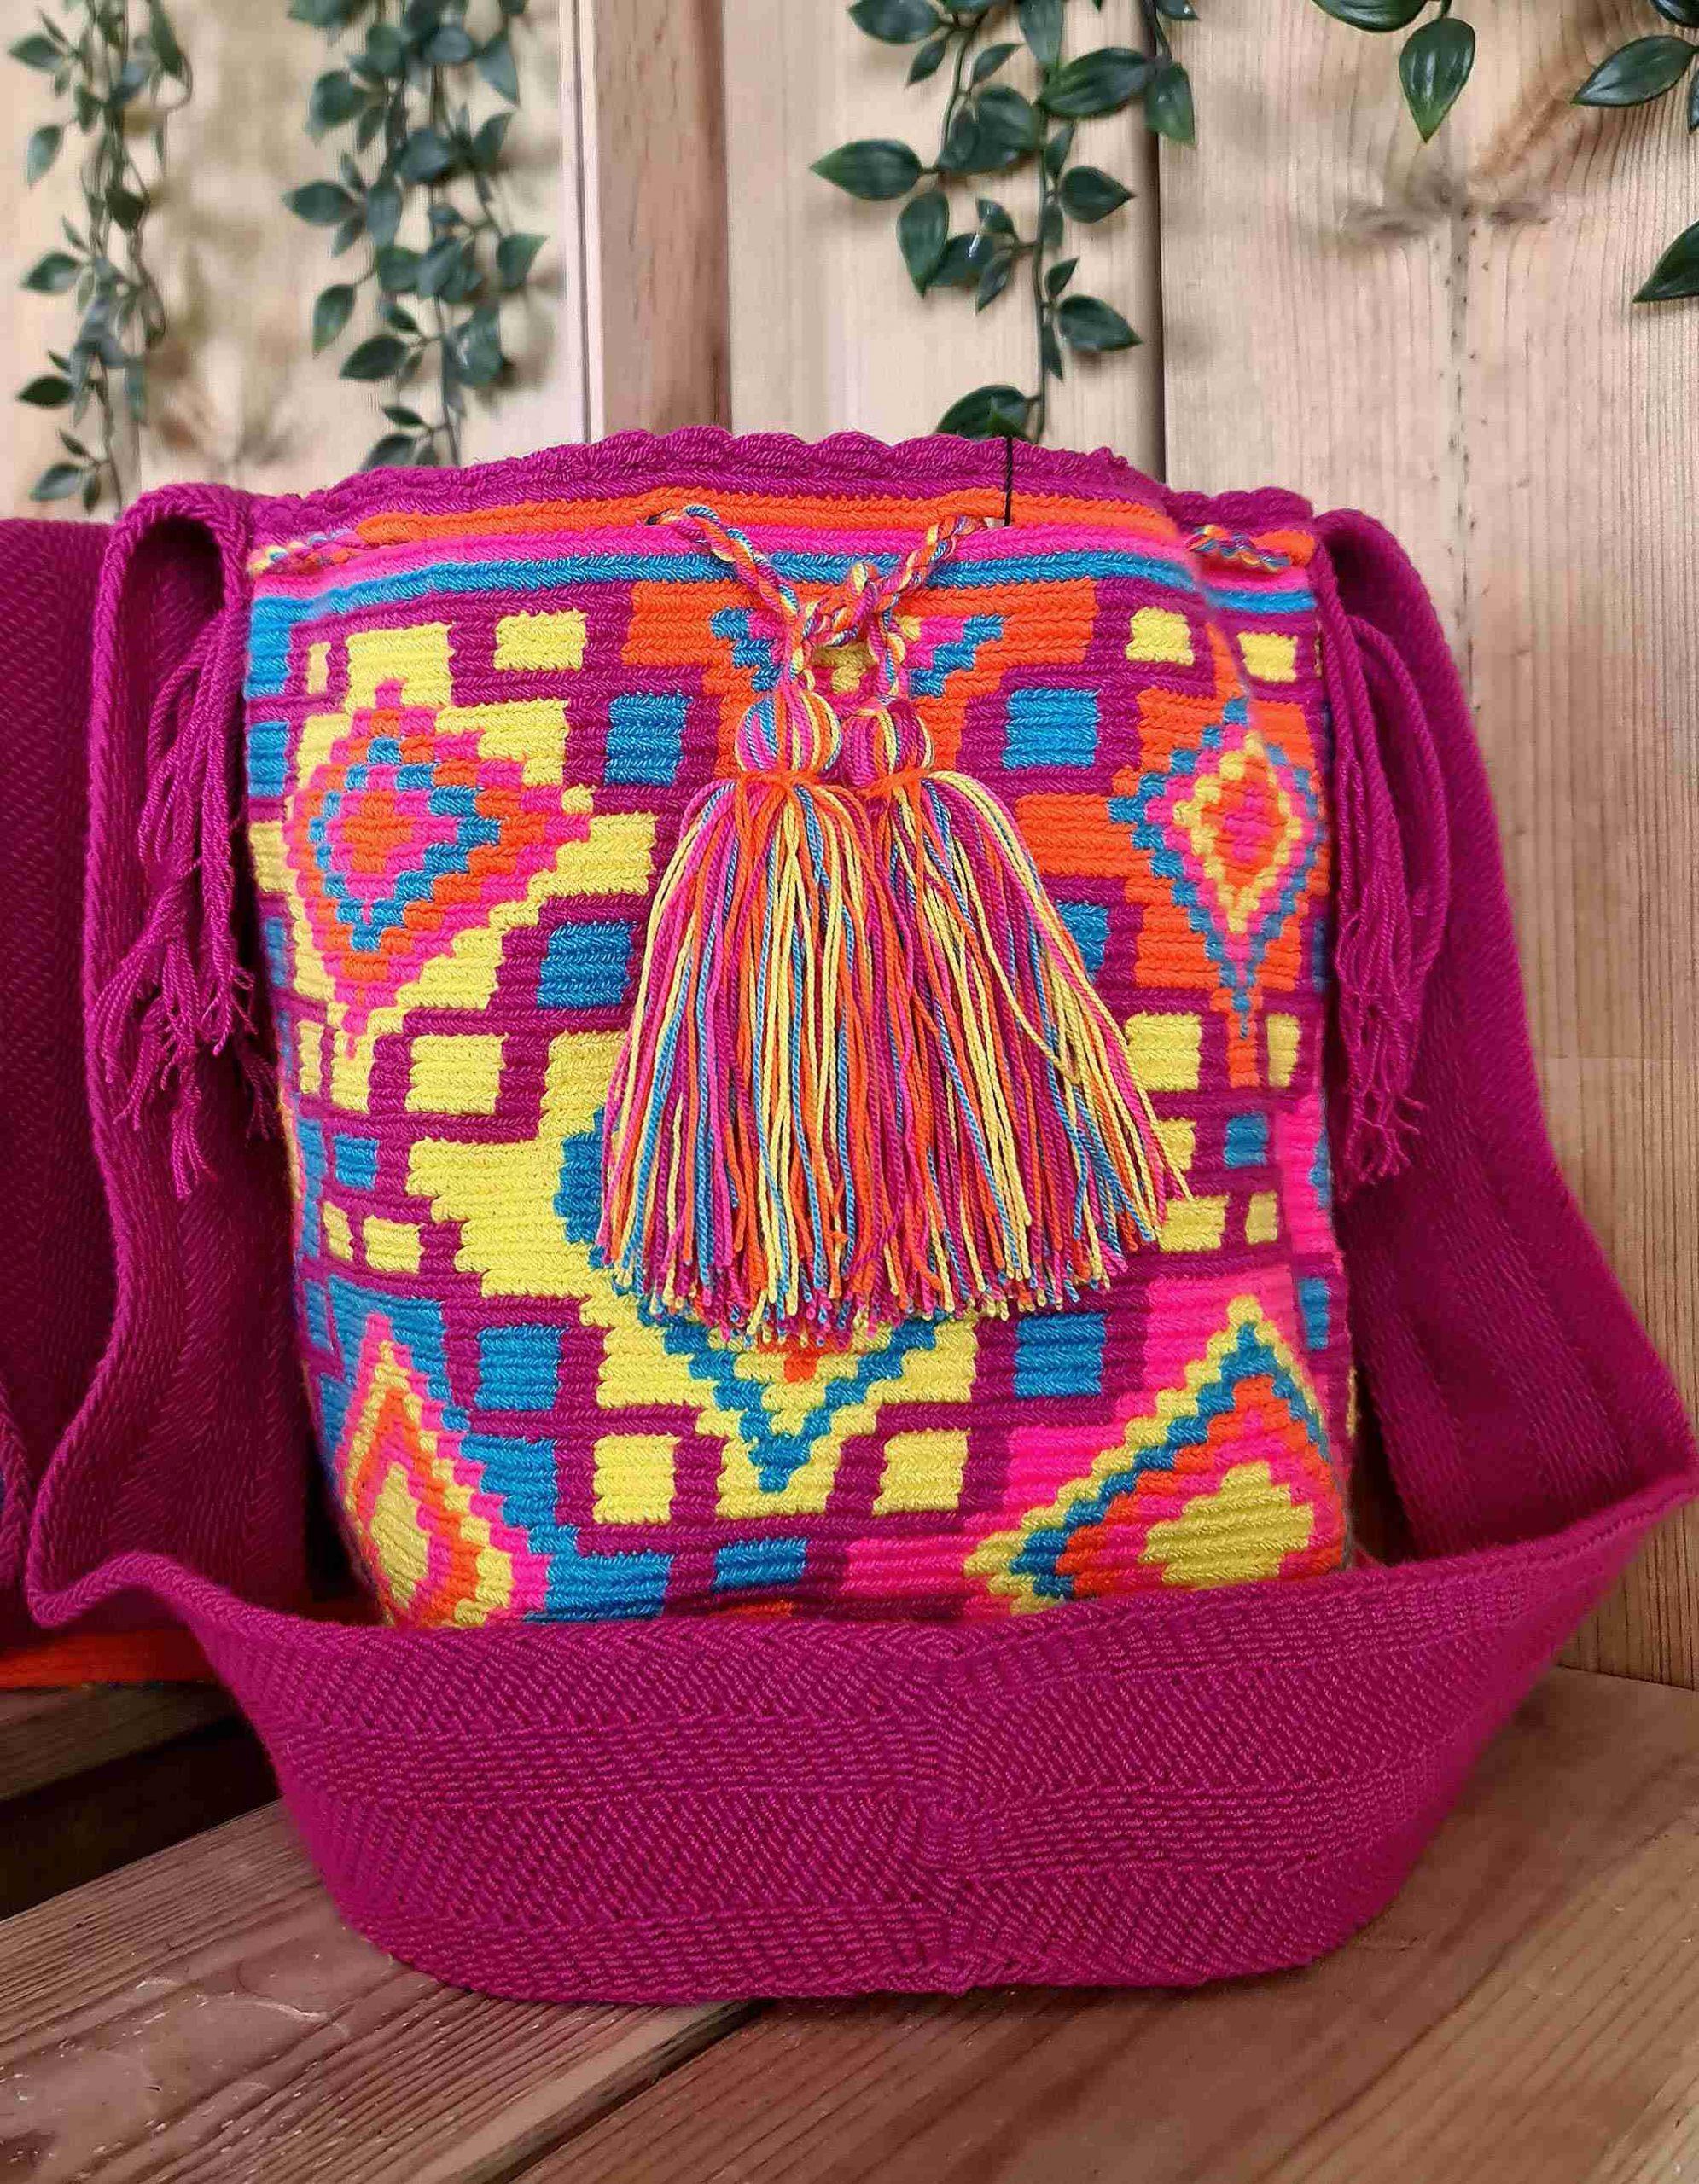 Bolso Wayuu Original Auténtico (sólo 1 igual) con motivos tribales color rosa oscuro, naranja, amarillo, azul y correa rosa oscuro